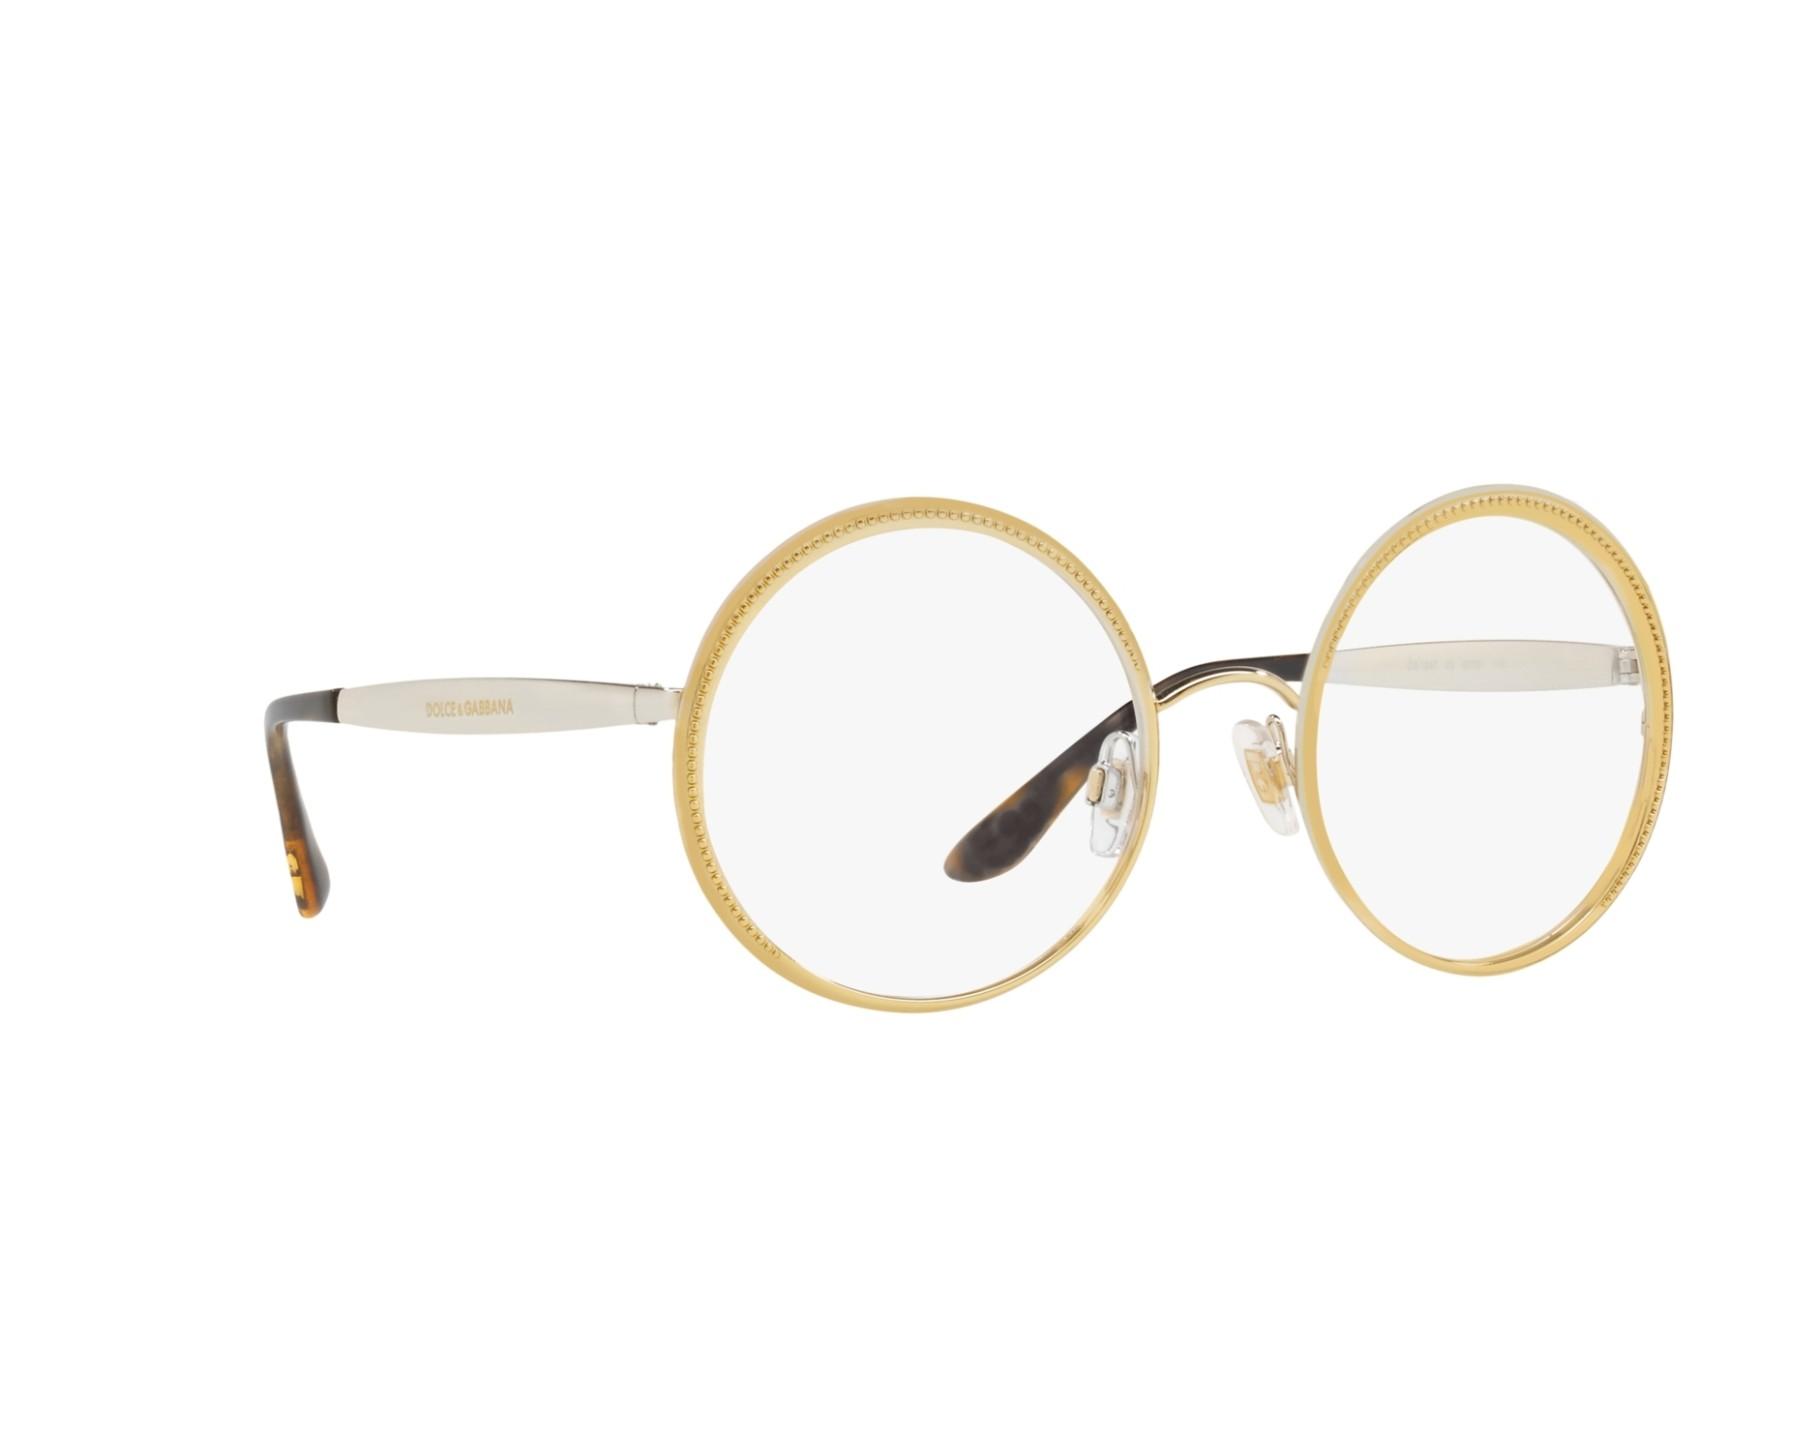 dolce gabbana brille dg 1297 02 gold visionet. Black Bedroom Furniture Sets. Home Design Ideas